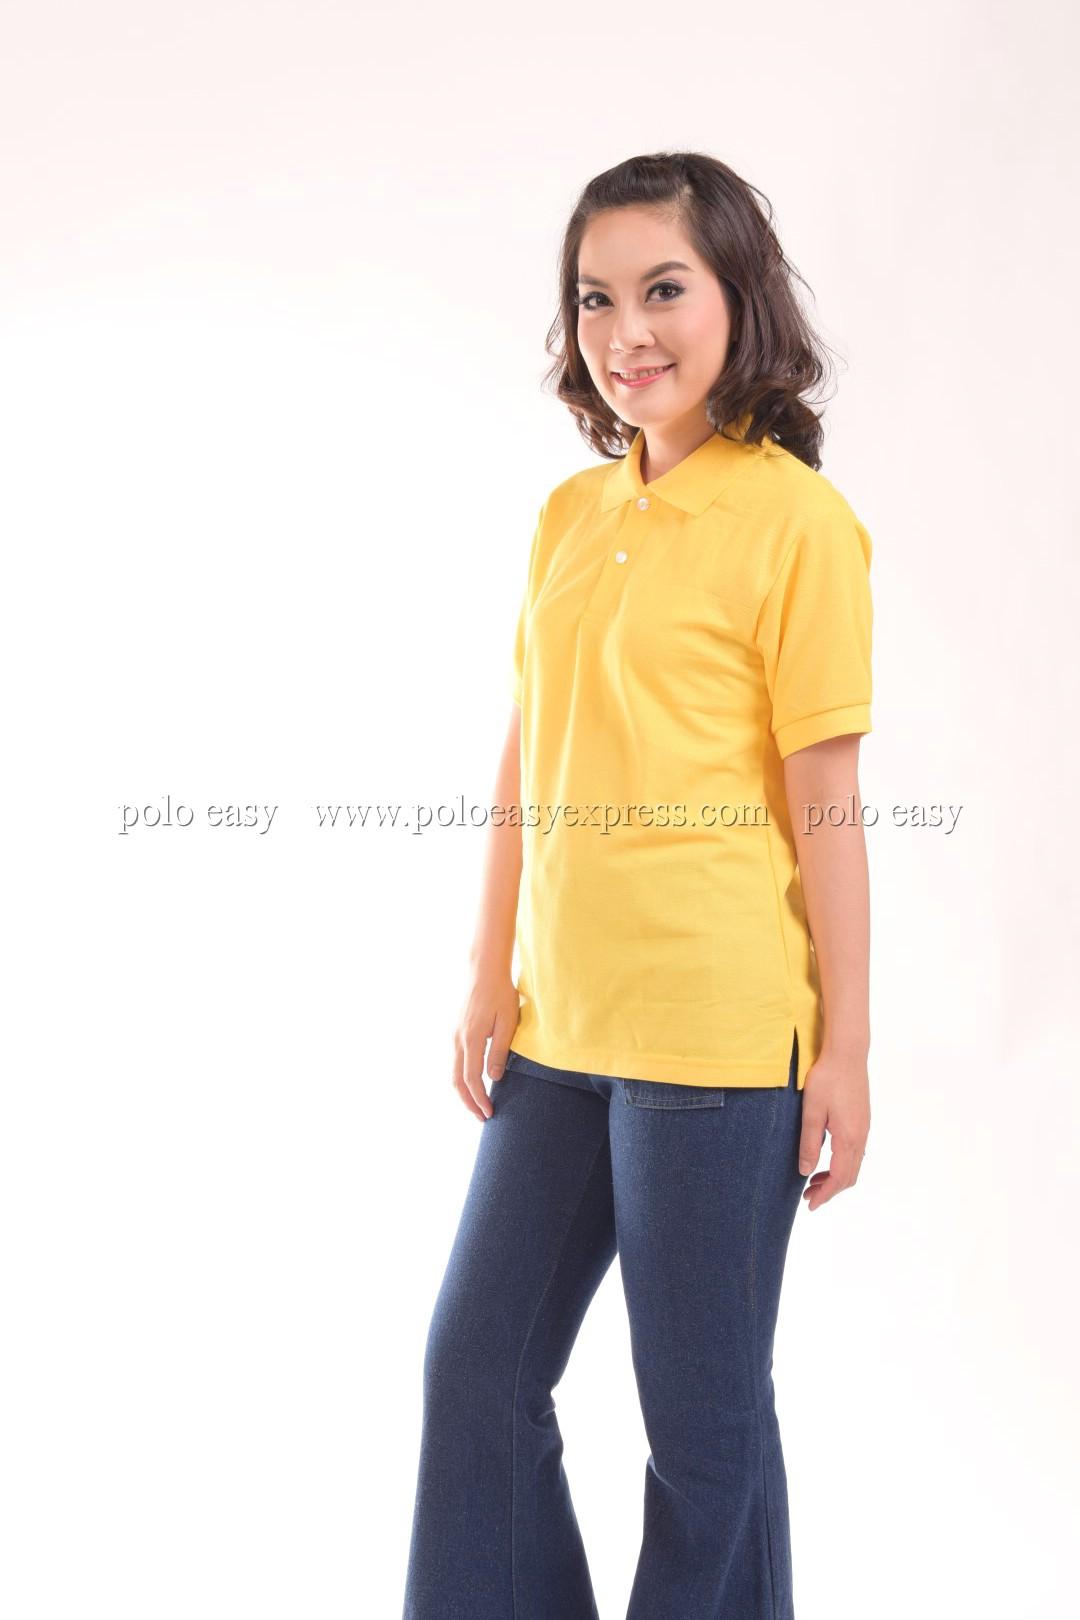 เสื้อโปโล สีเหลือง TK Premium แขนสั้น ทรงตรง Size S